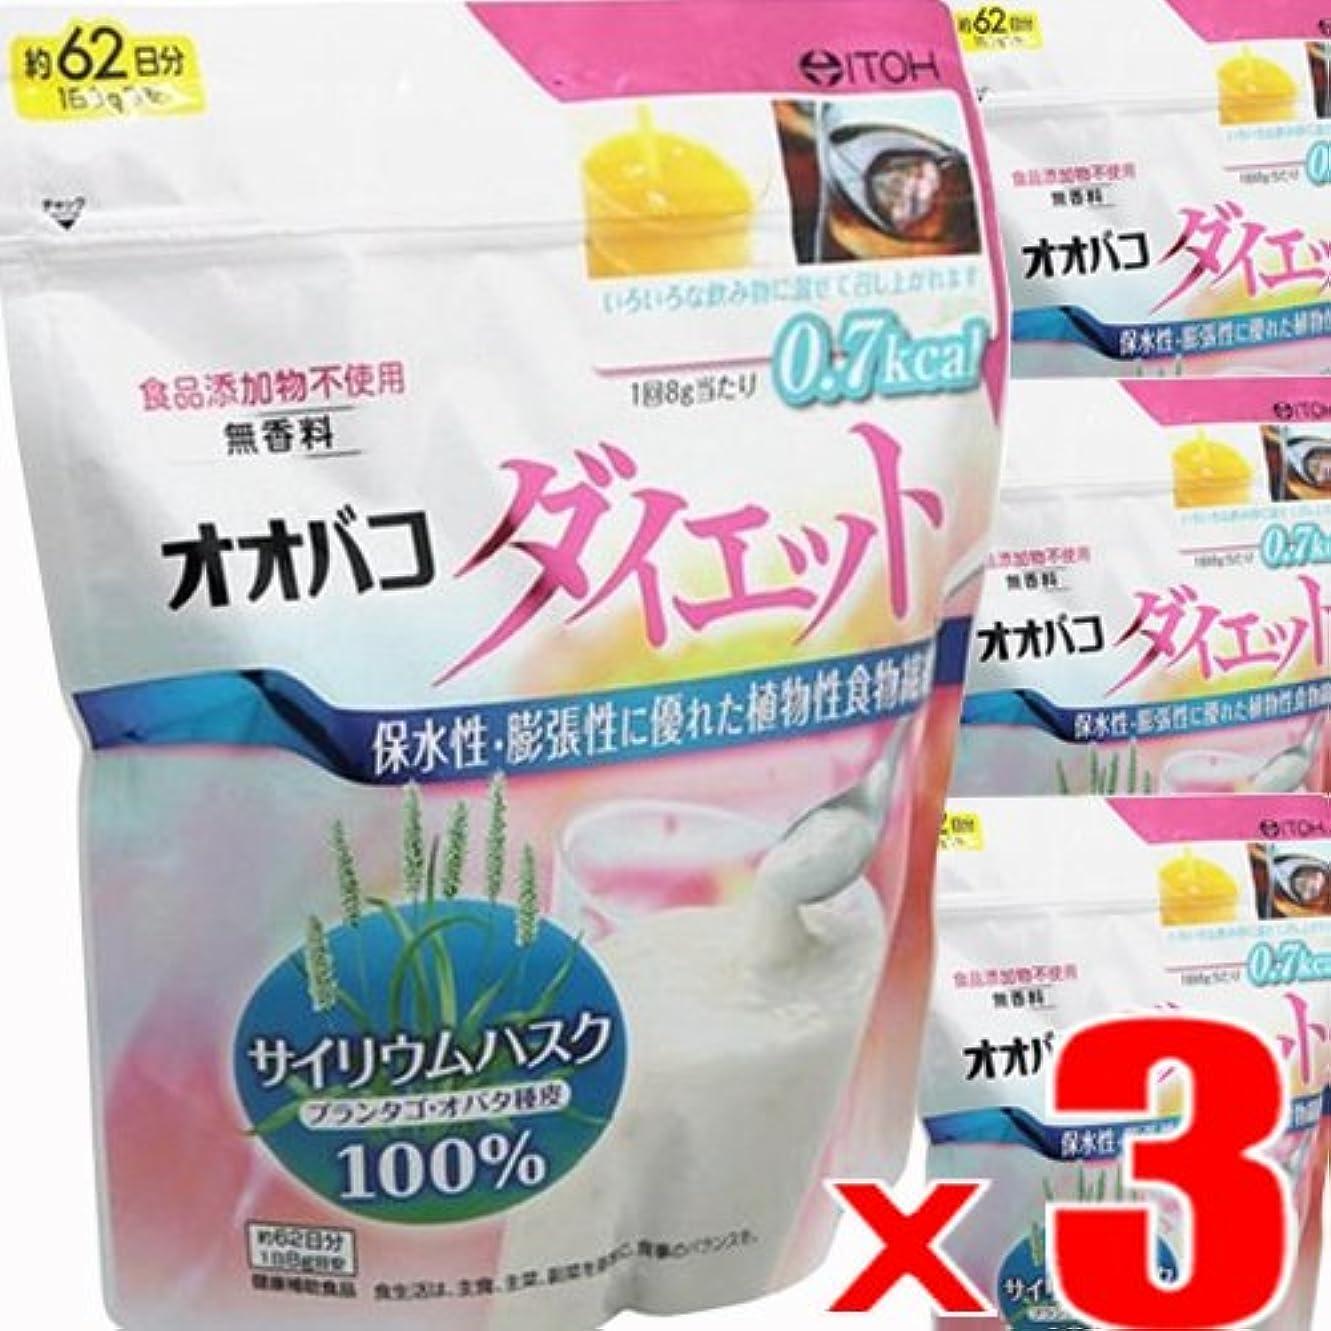 ドキドキライオネルグリーンストリートぴかぴか【3個】井藤漢方製薬 オオバコダイエット約62日 500gx3